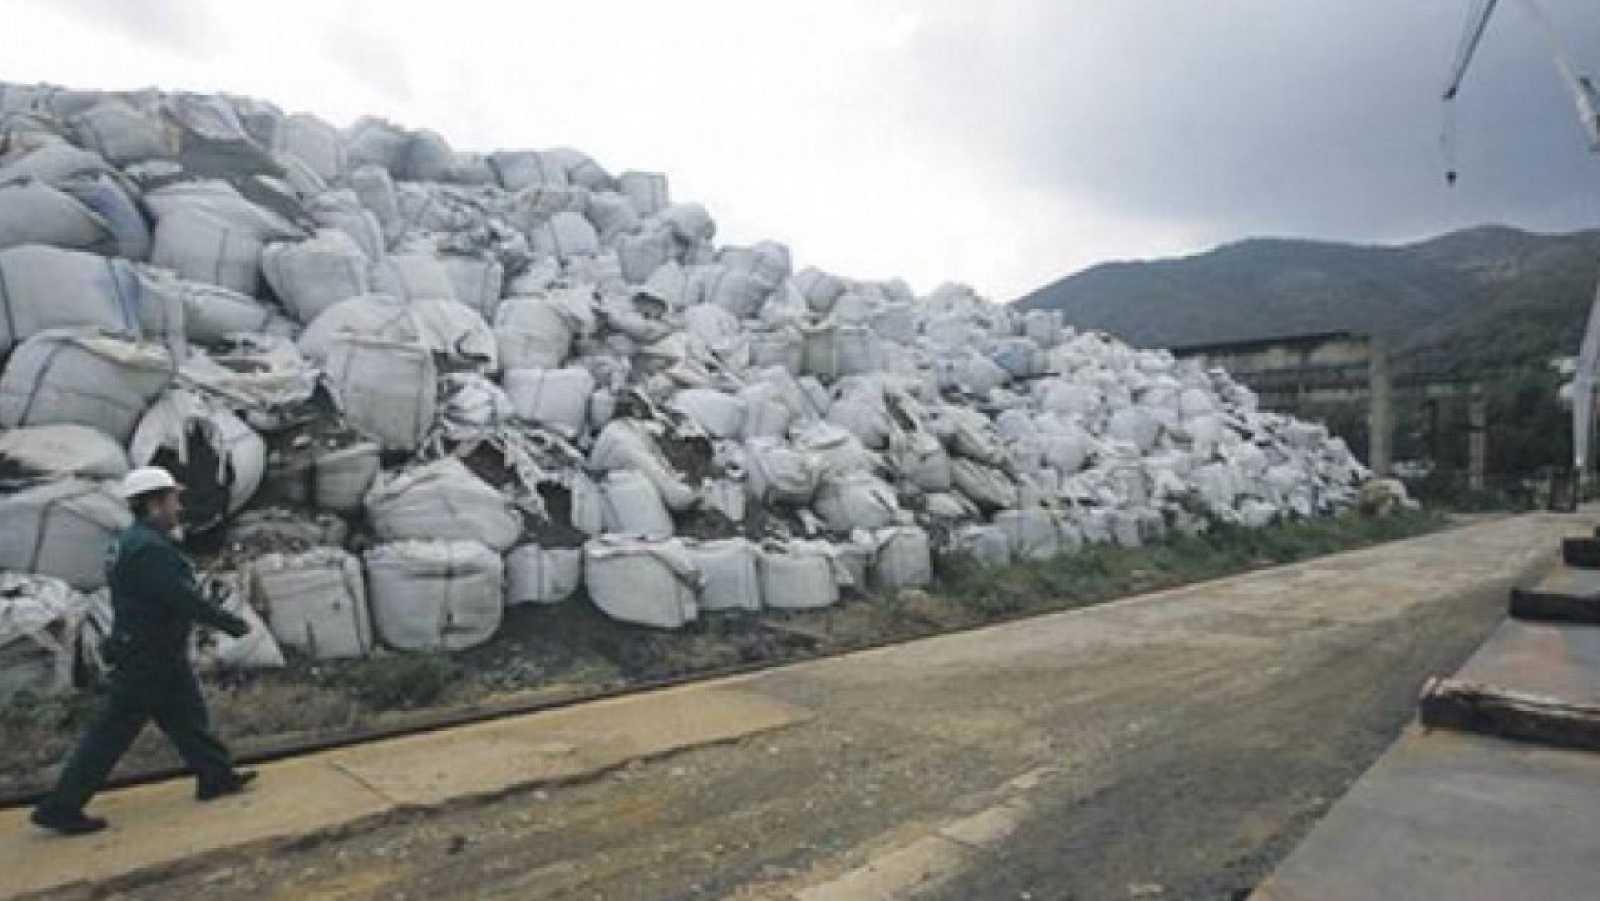 Vida verde - Seis Dedos+ Vertederos y Crisis del Plástico - 06/03/21 - Escuchar ahora